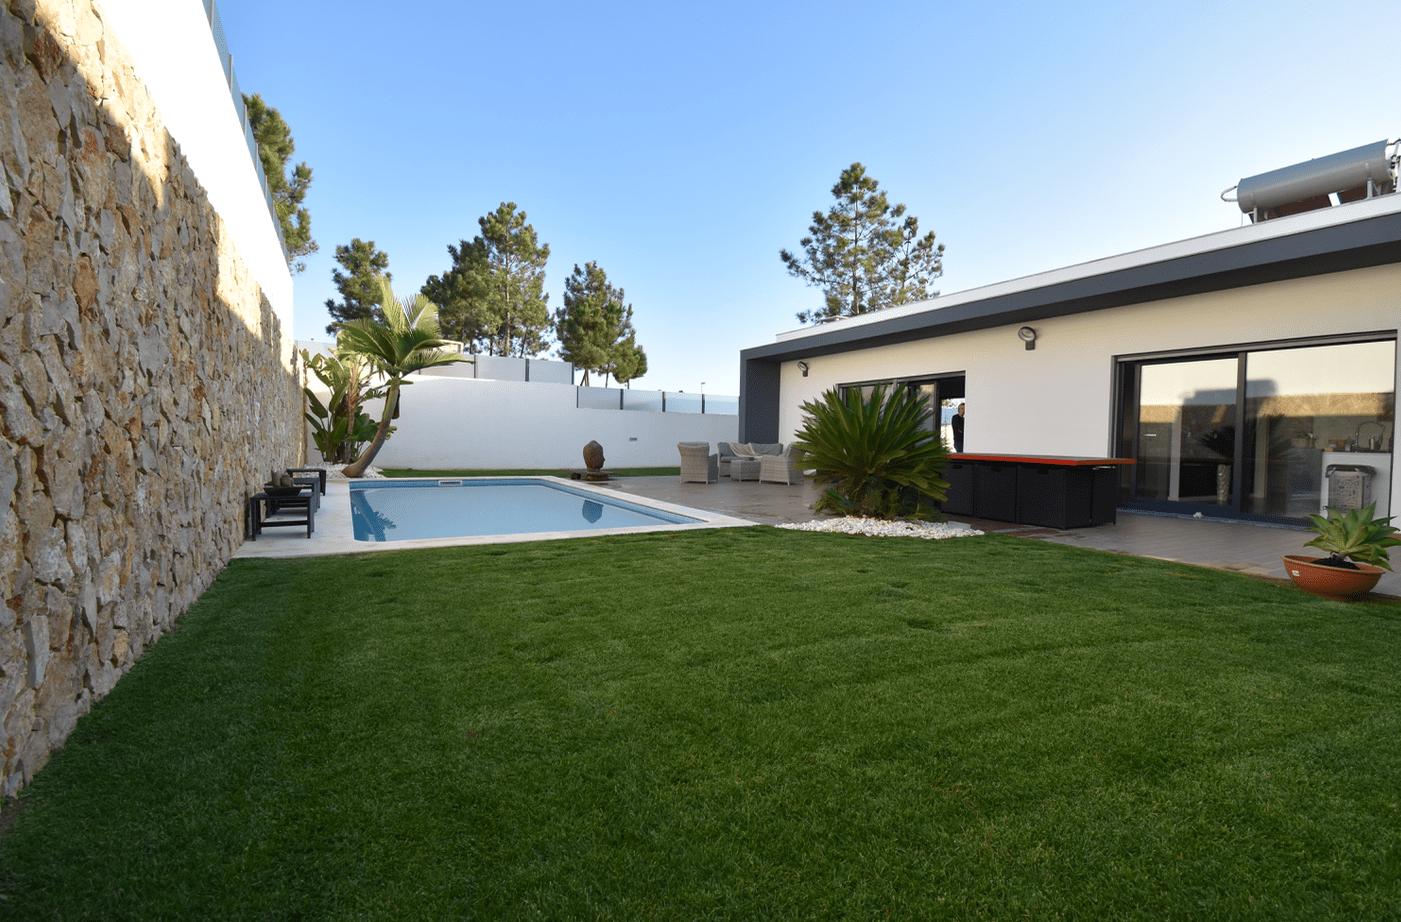 Acheter une maison: immobilier pour vivre ou investir au Portugal